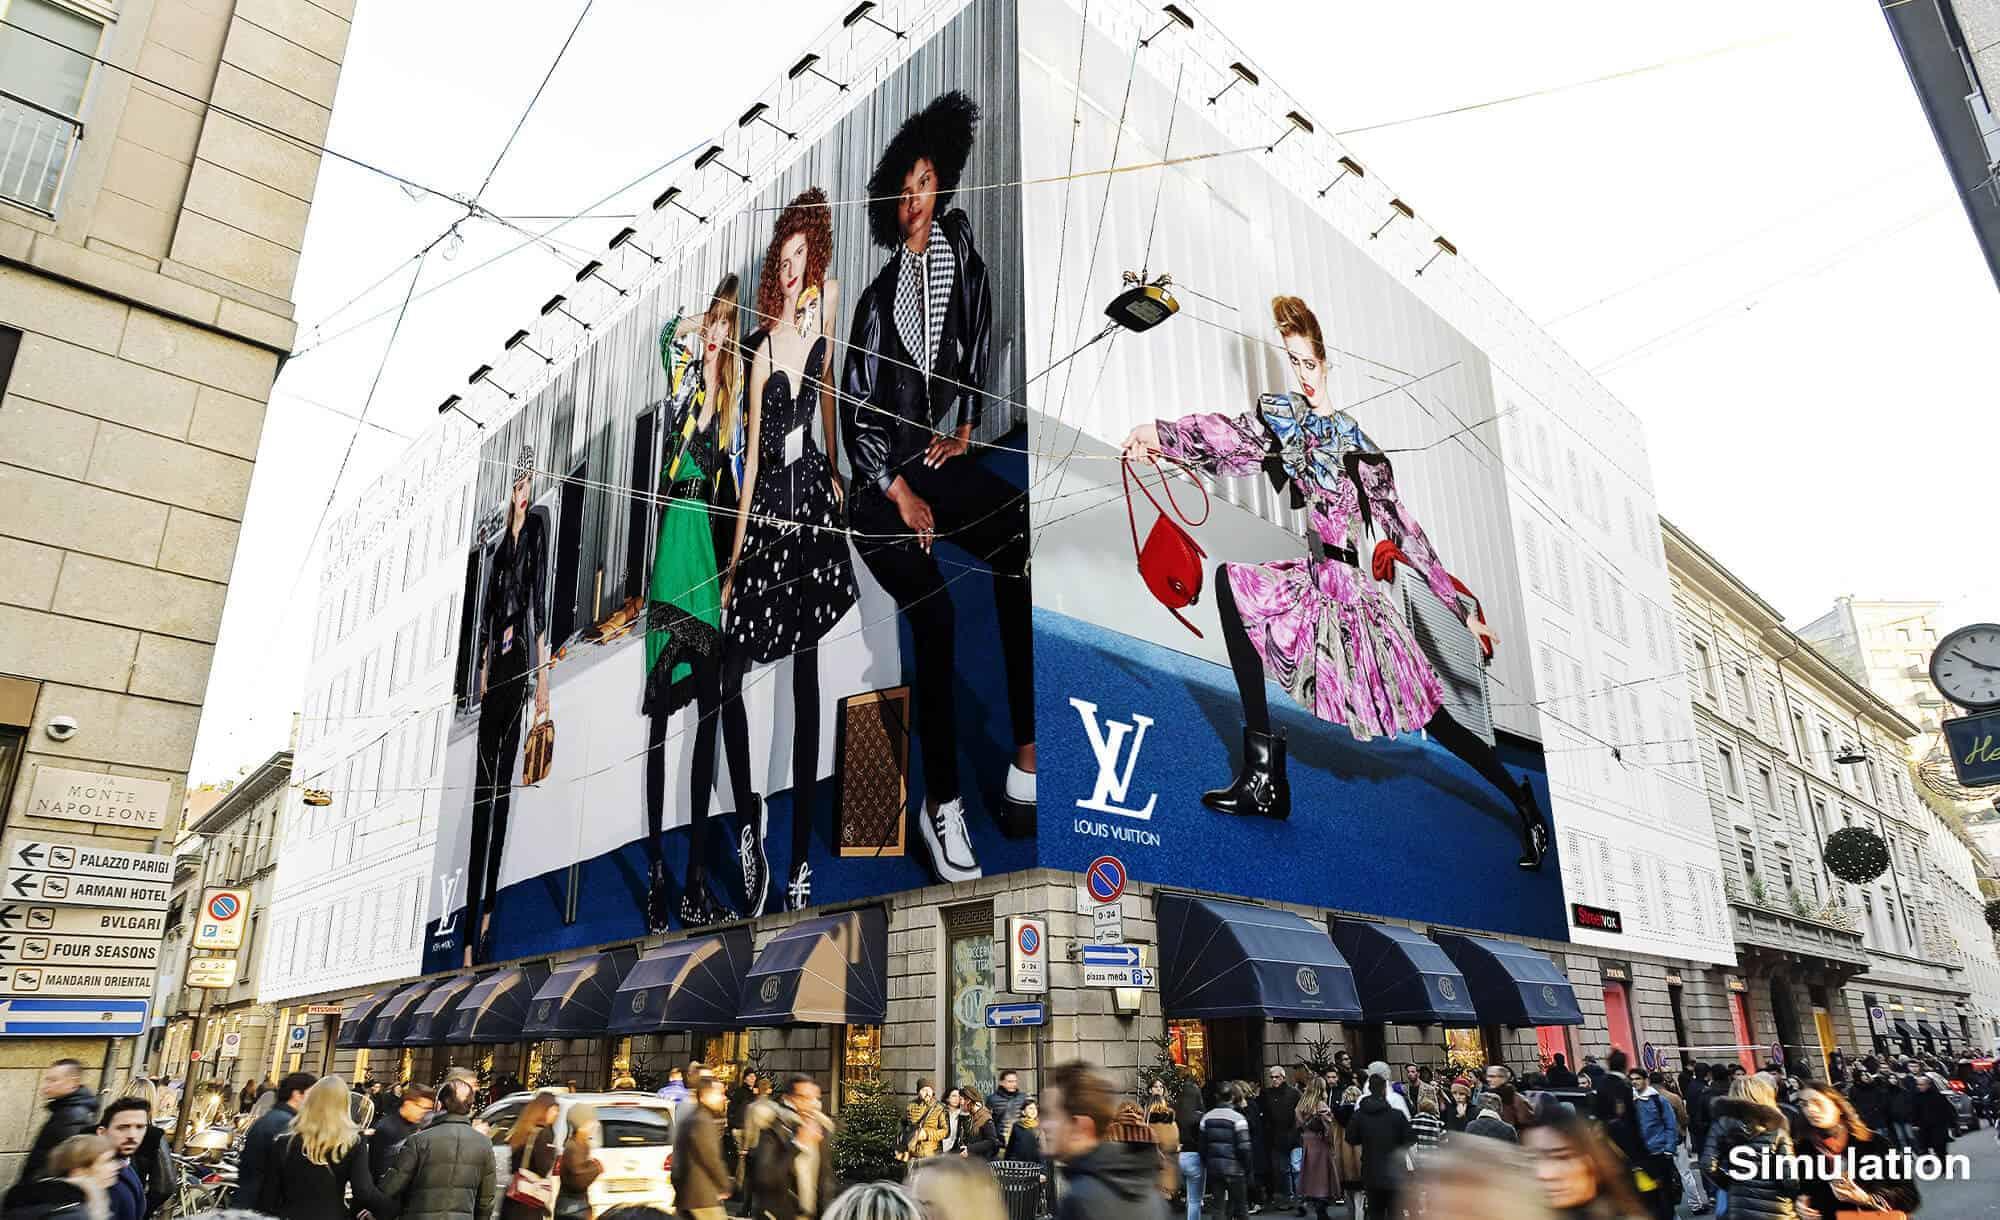 Maxi Affissione Streetvox Via Monte Napoleone 8 a Milano con Louis Vuitton (Fashion)